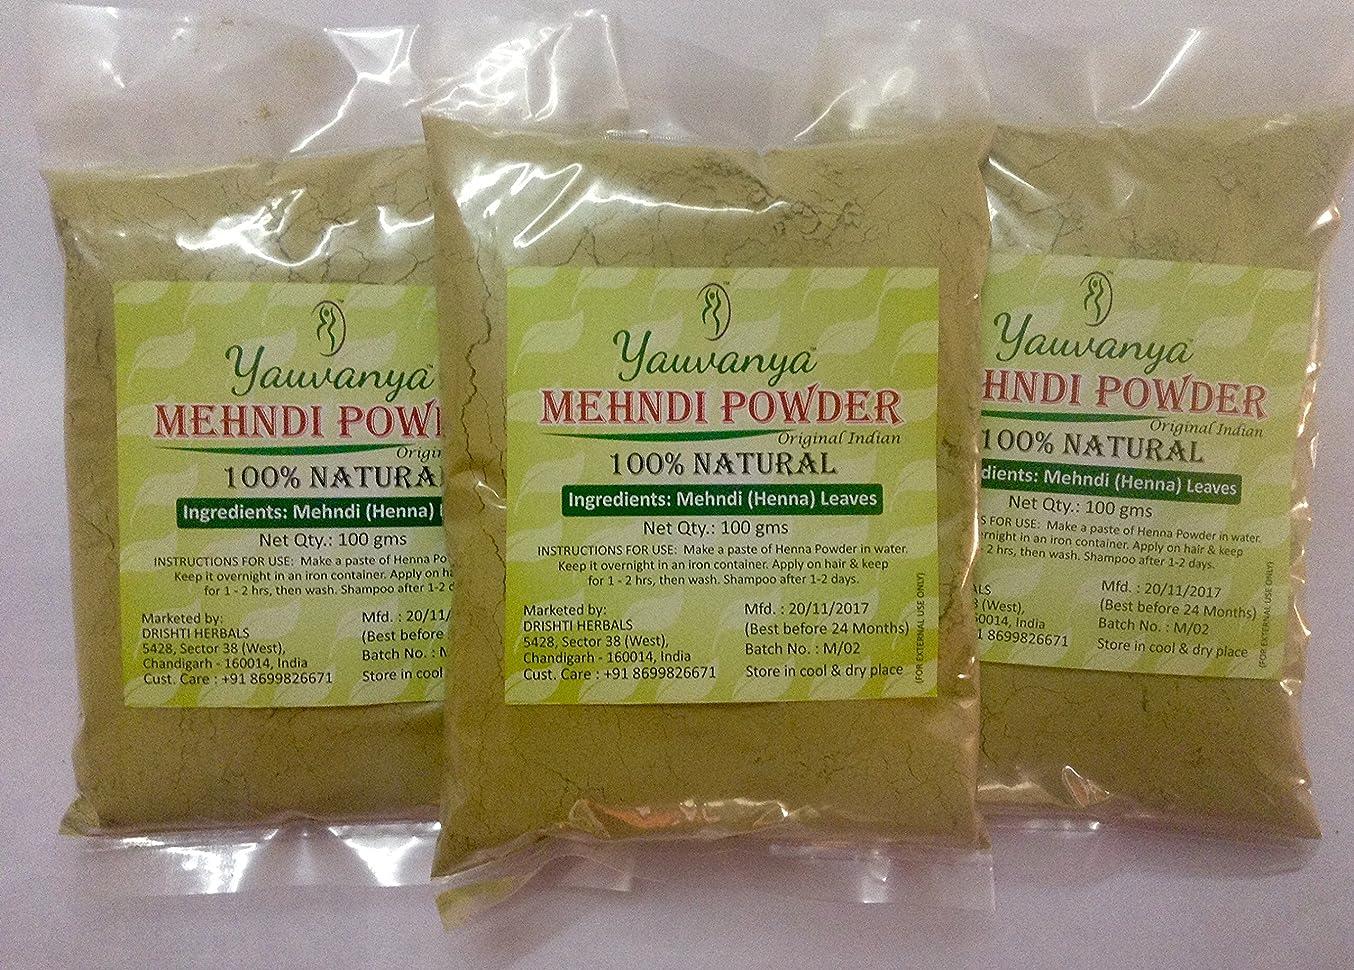 囲まれた計り知れない等Yauvanyaオリジナルインディアンピュア&ナチュラルヘナ(Mehndi)for Hair - 3X100 gms (Yauvanya Original Indian Pure and Natural Henna (Mehndi) for Hair - 3X100 gms)